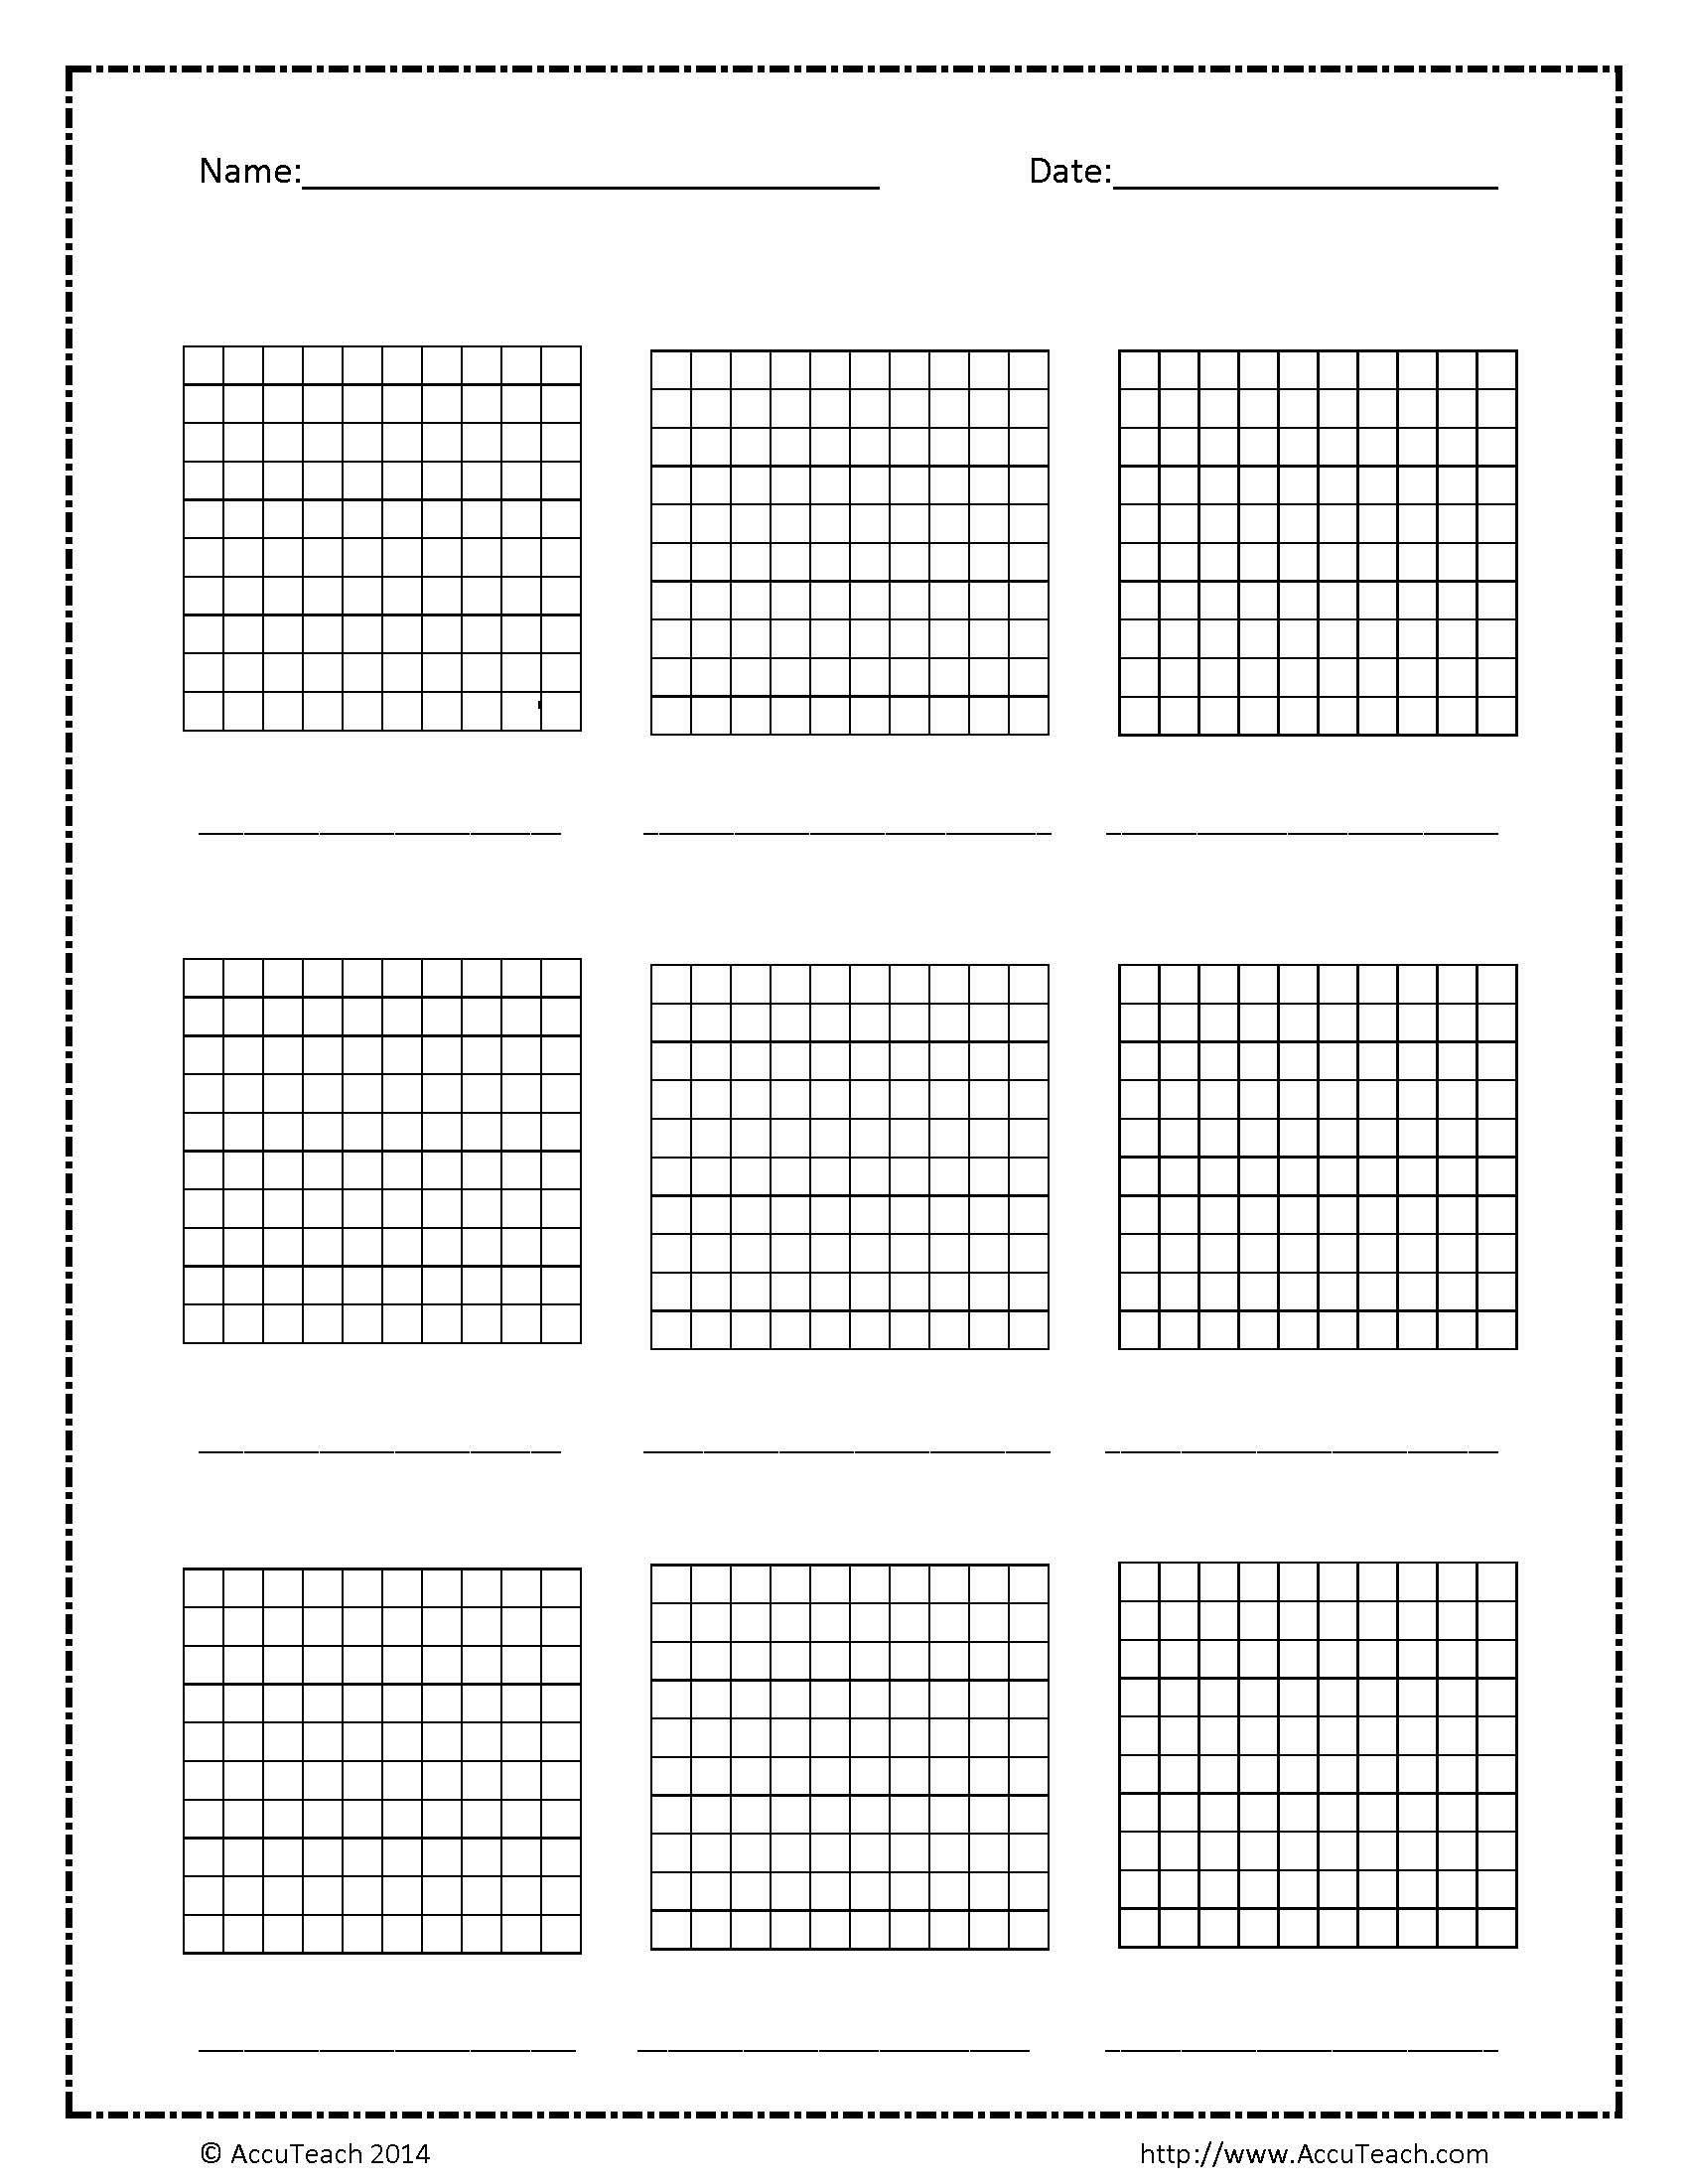 medium resolution of Blank